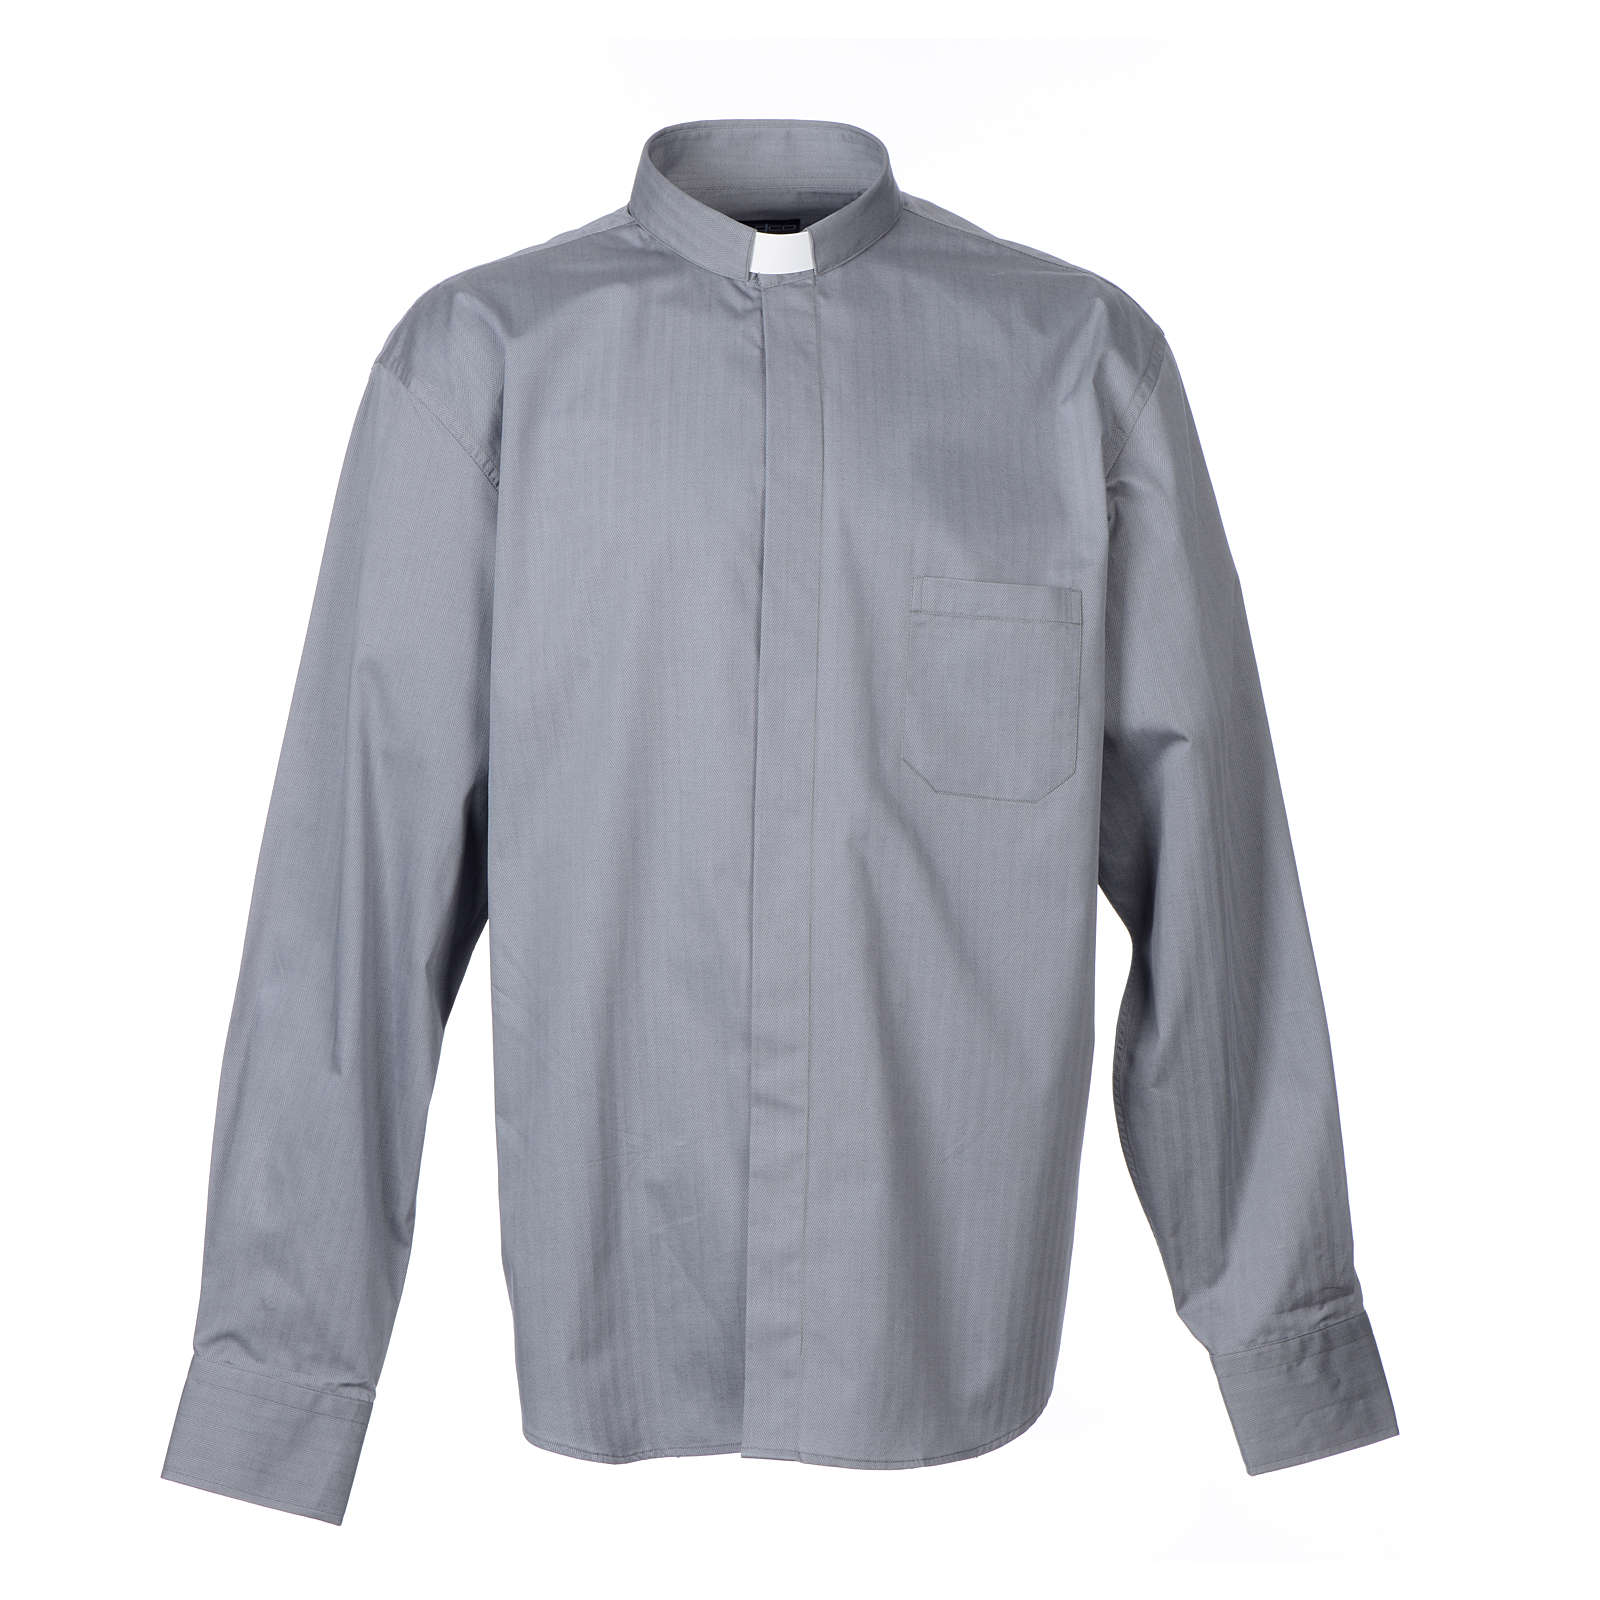 Koszula kapłańska długi rękaw, bawełna mieszana szara 4